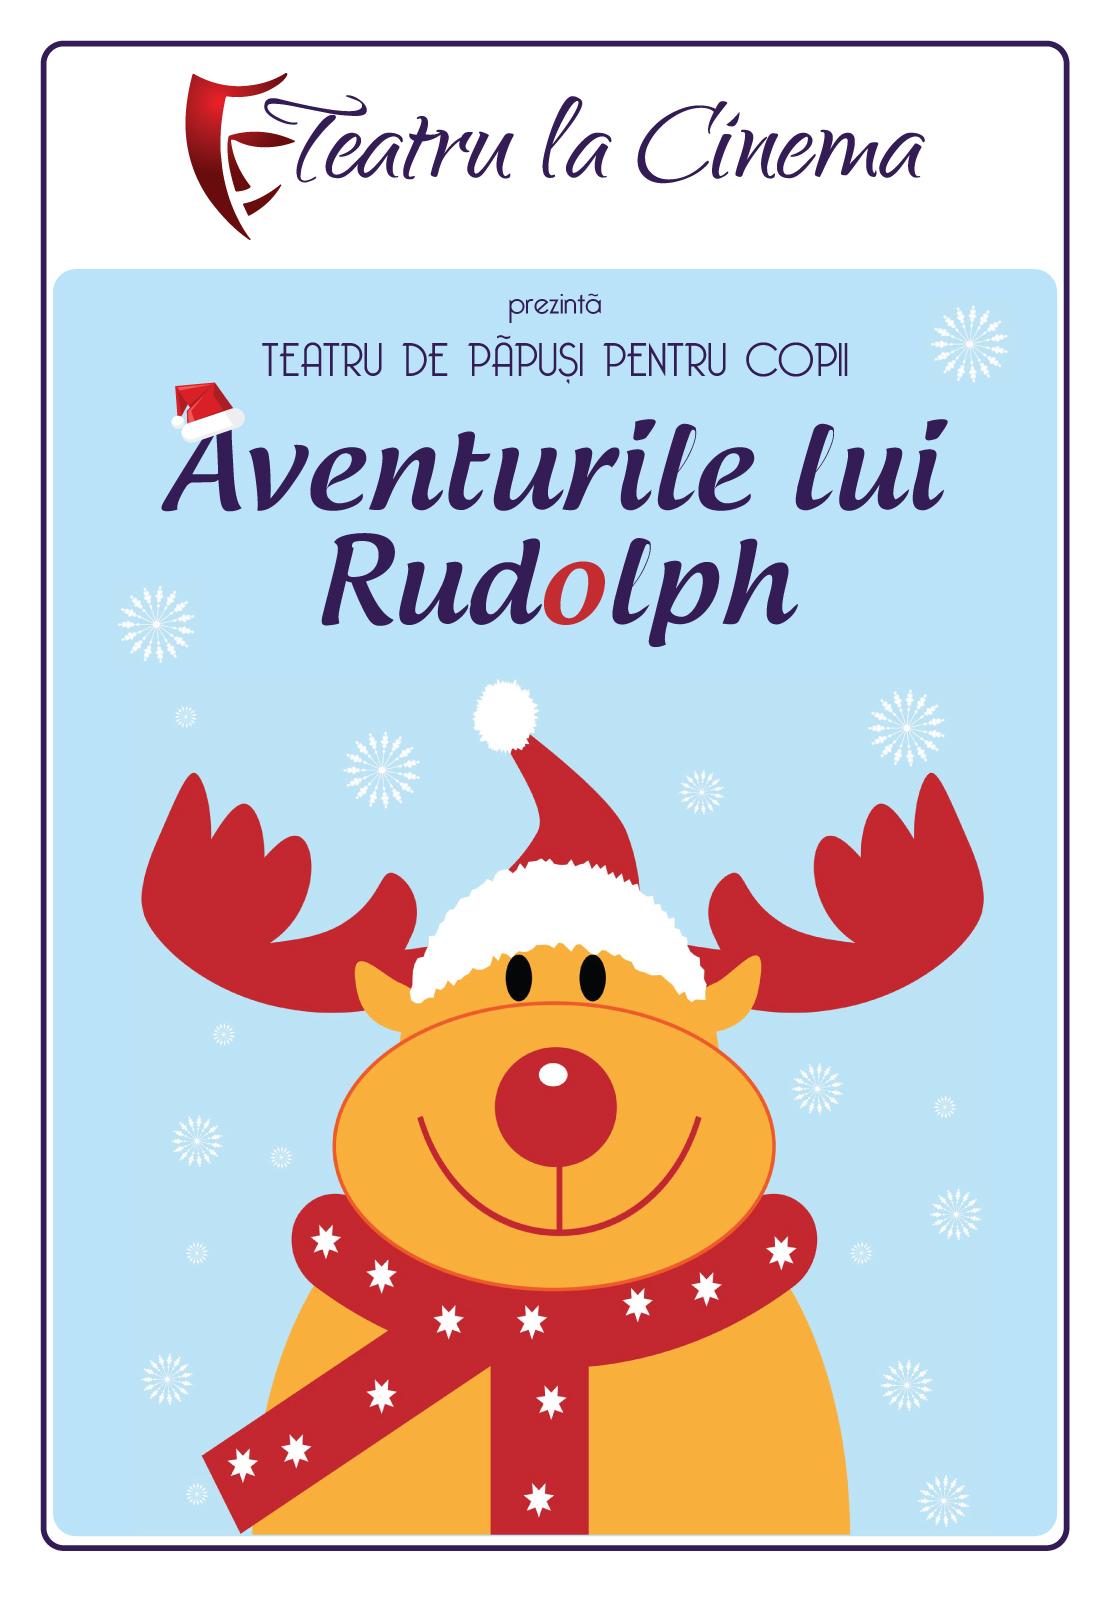 Aventurile lui Rudolph– la Teatru la Cinema din Mega Mall